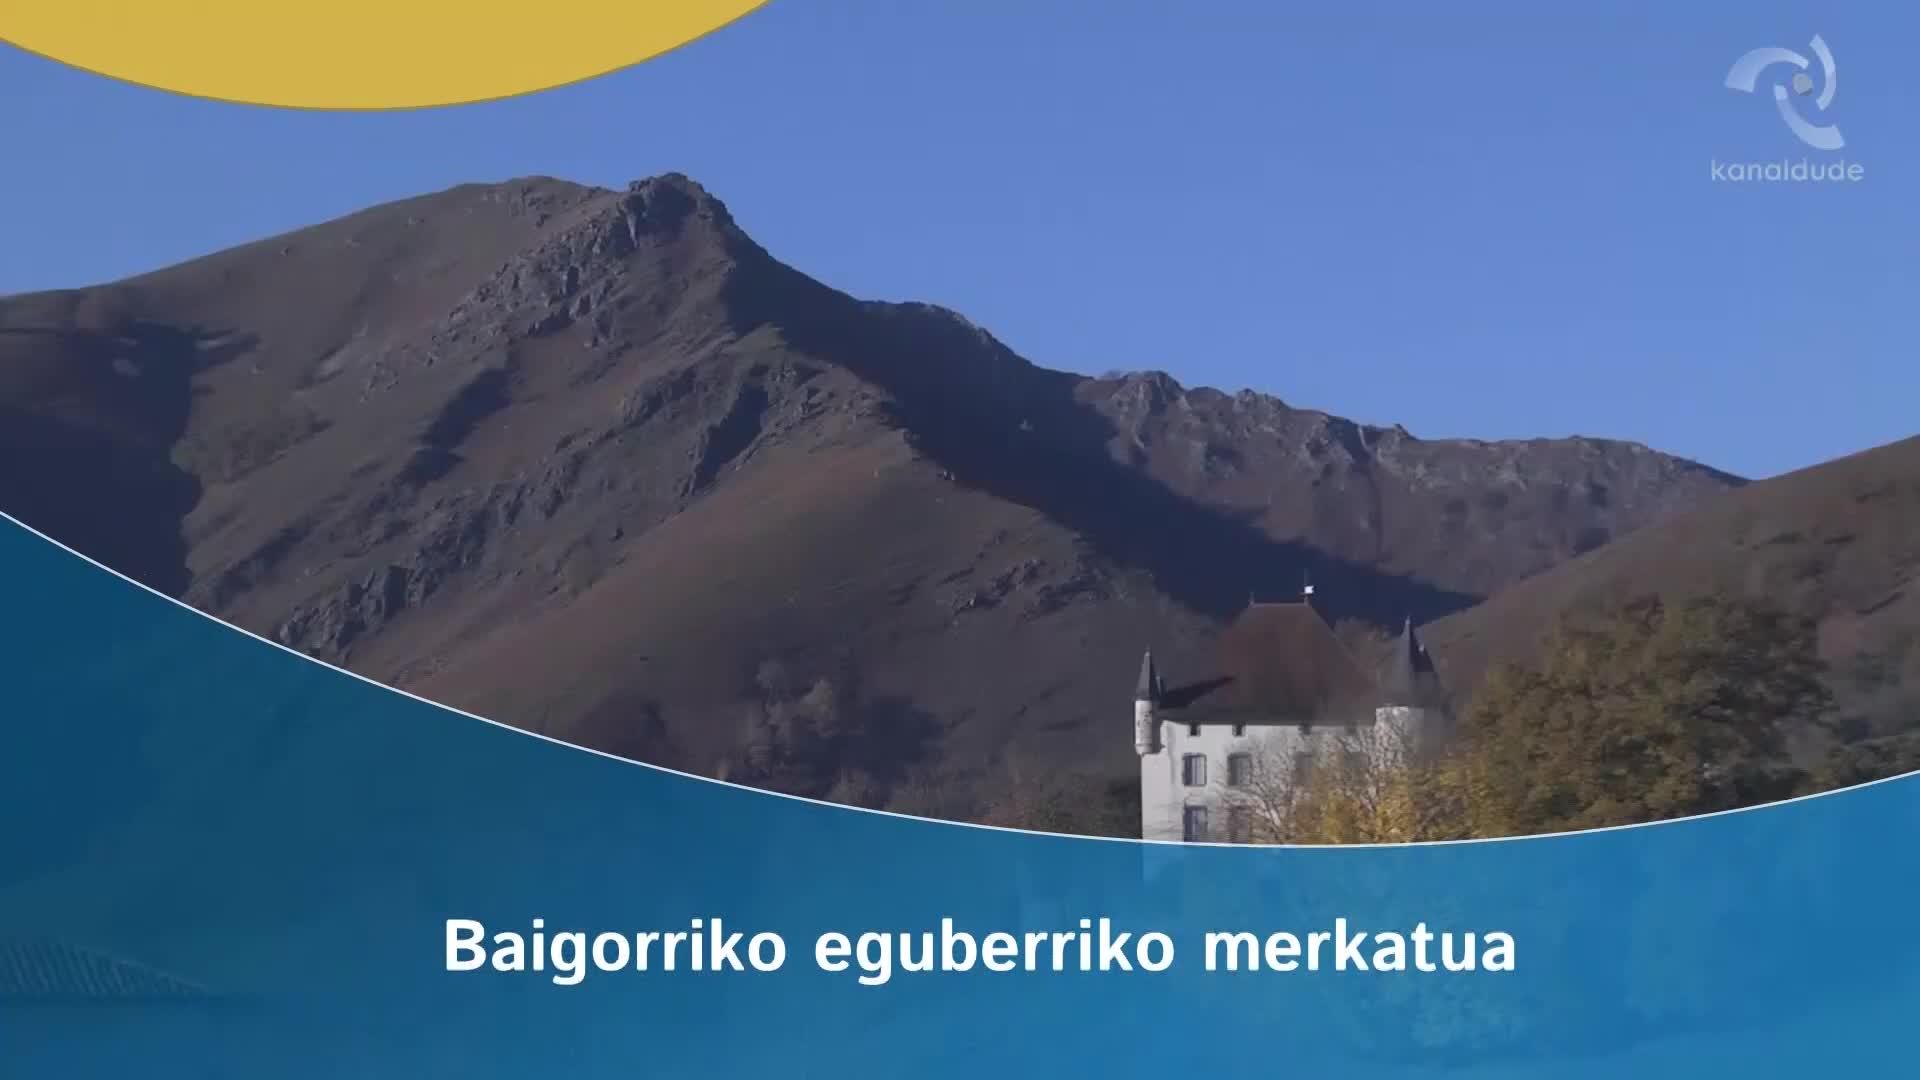 Baigorriko eguberriko merkatua